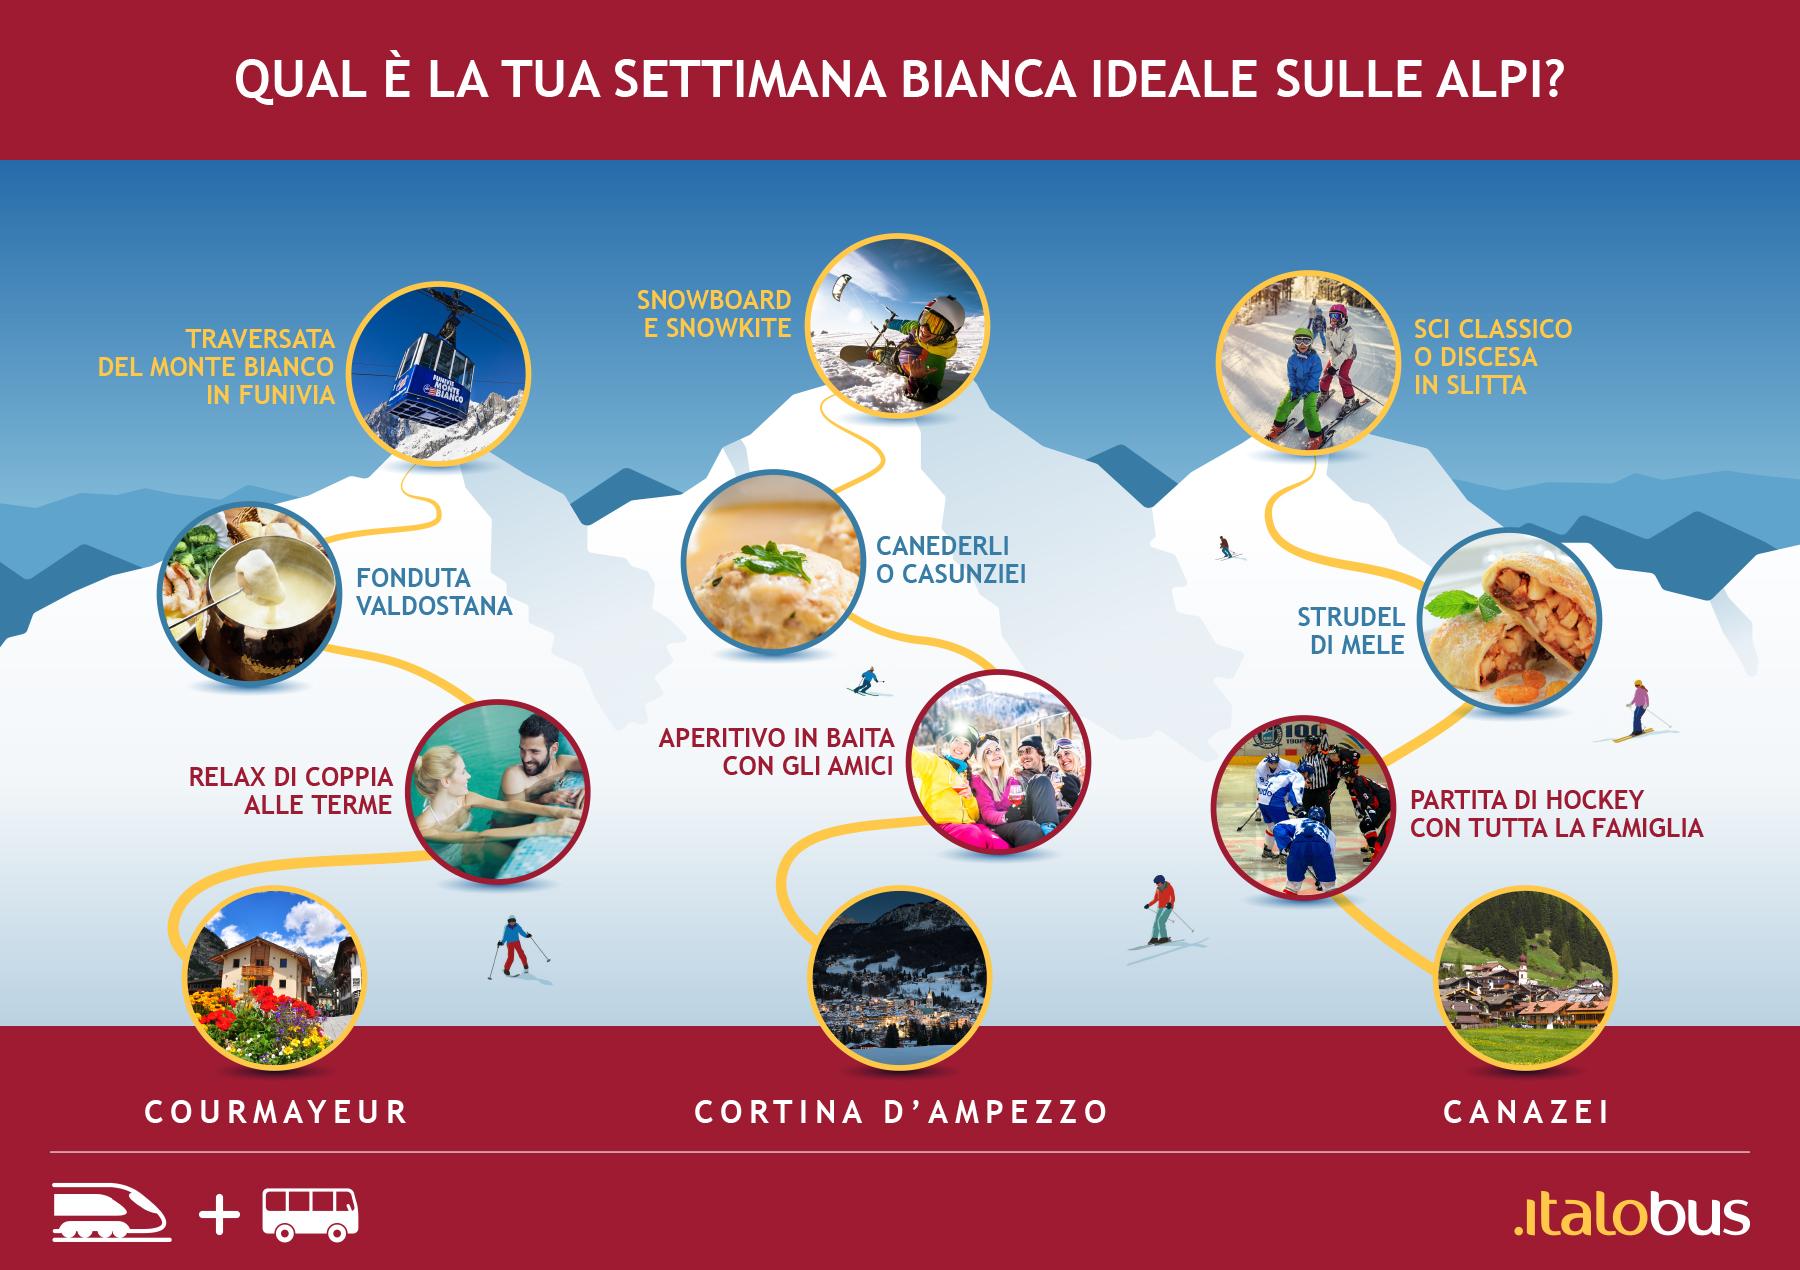 Settimana bianca con gli amici? Il divertimento a Cortina non è solo sugli sci!